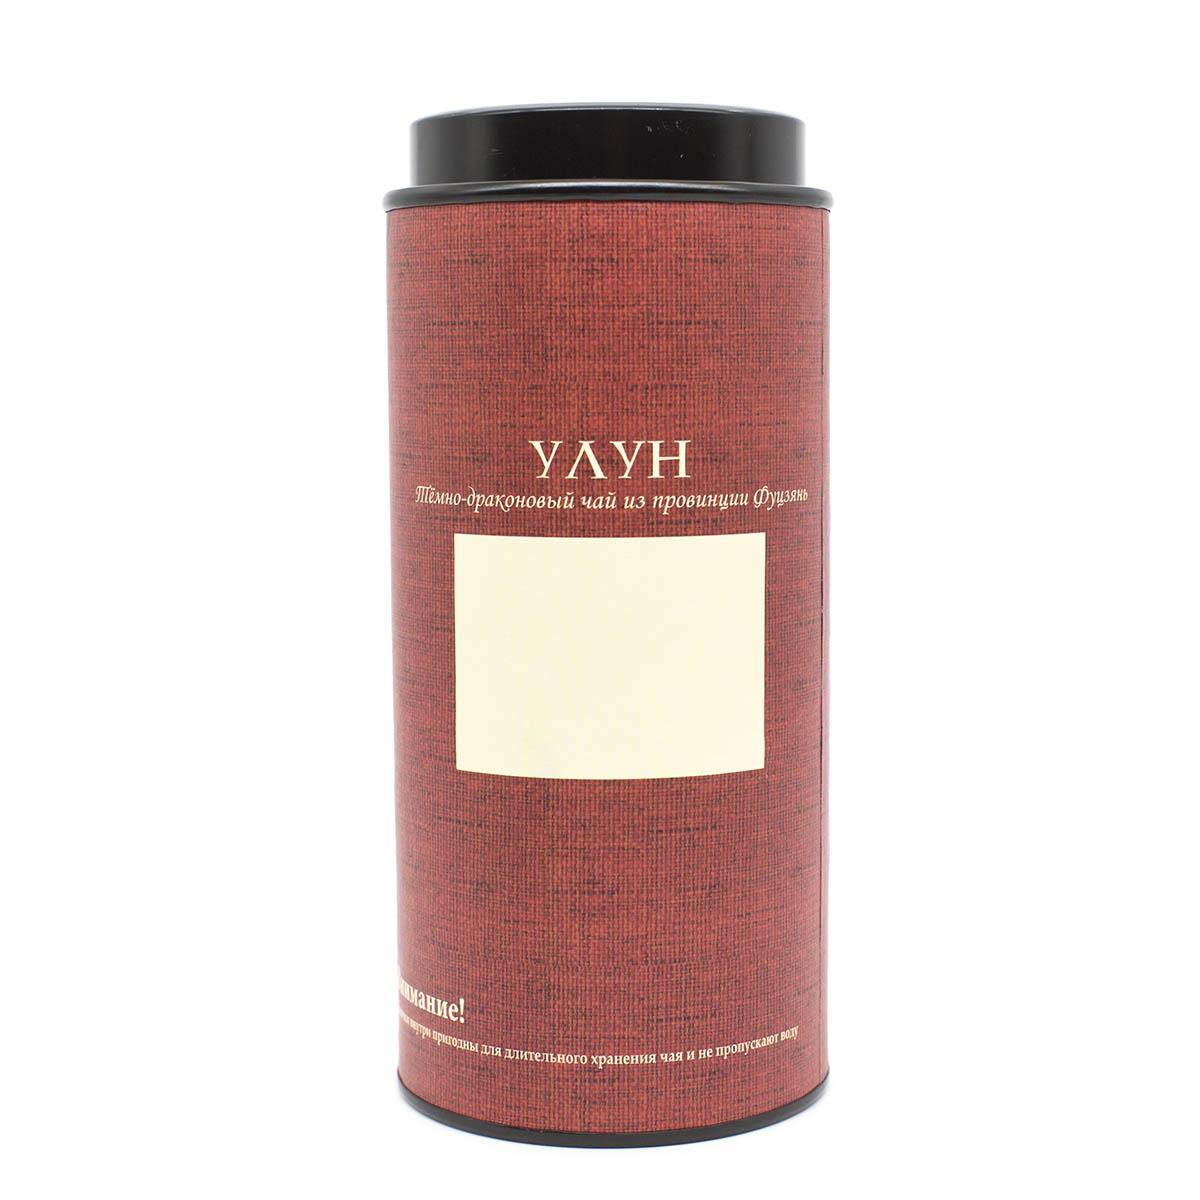 Банка картонная Мелодия неба - Улун фуцзянский 76*175 maitre de the женьшень улун зеленый листовой чай 150 г жестяная банка